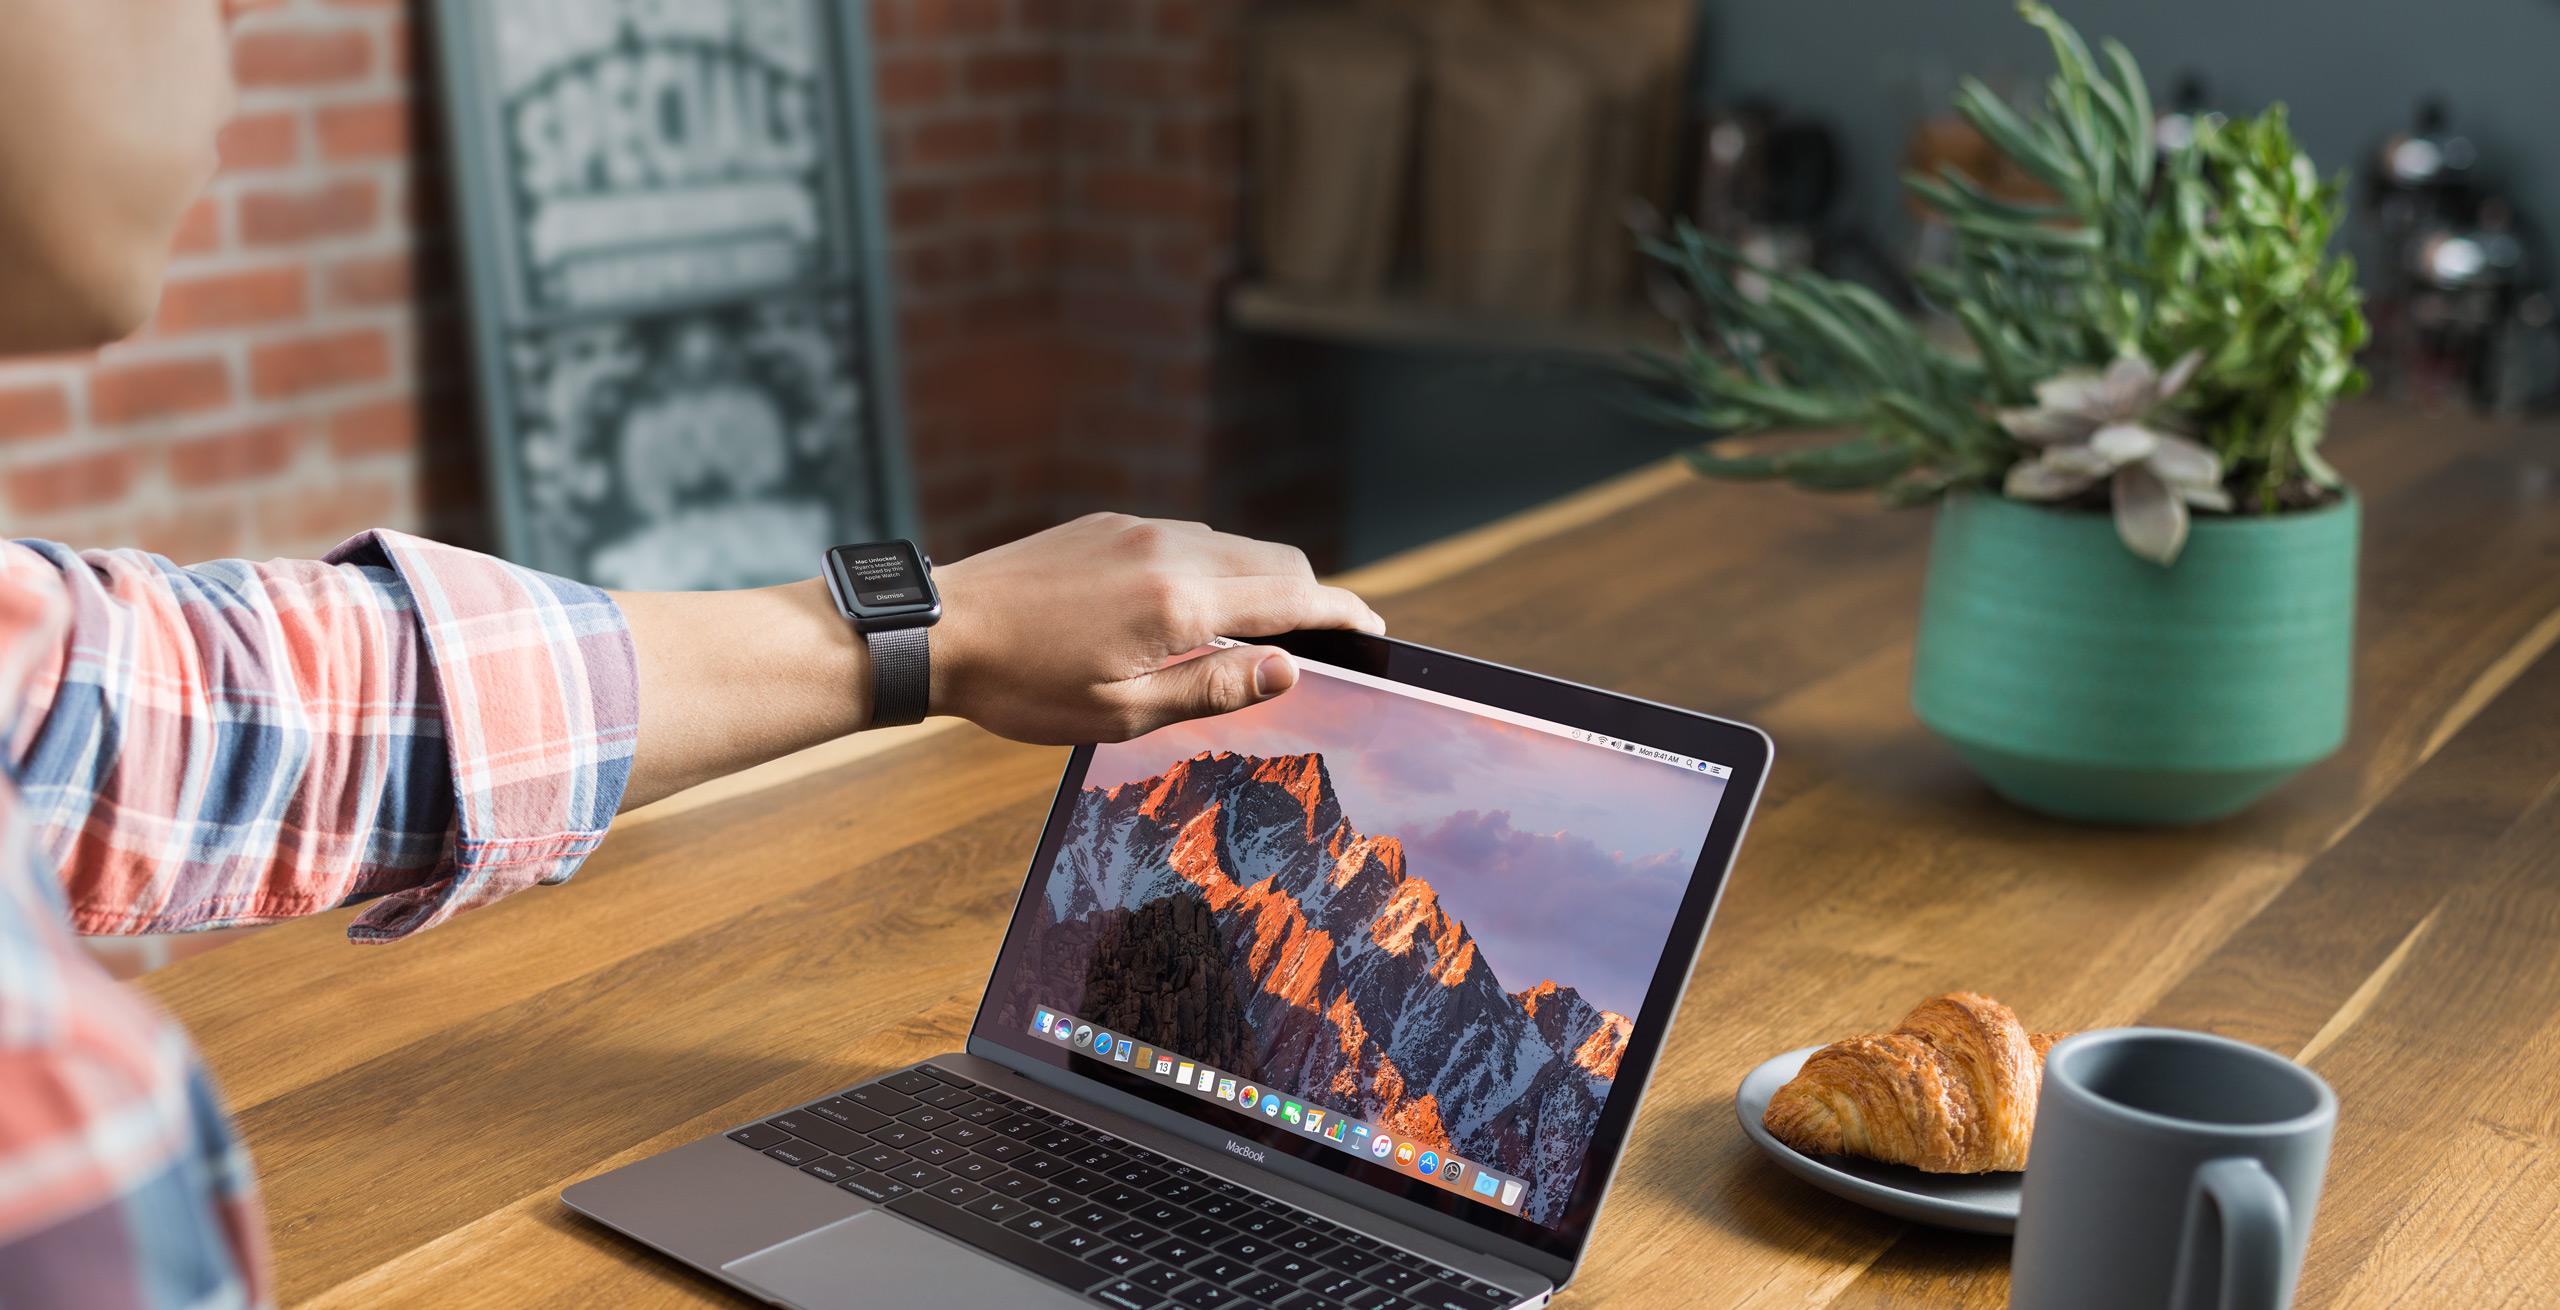 A MacBook running Sierra